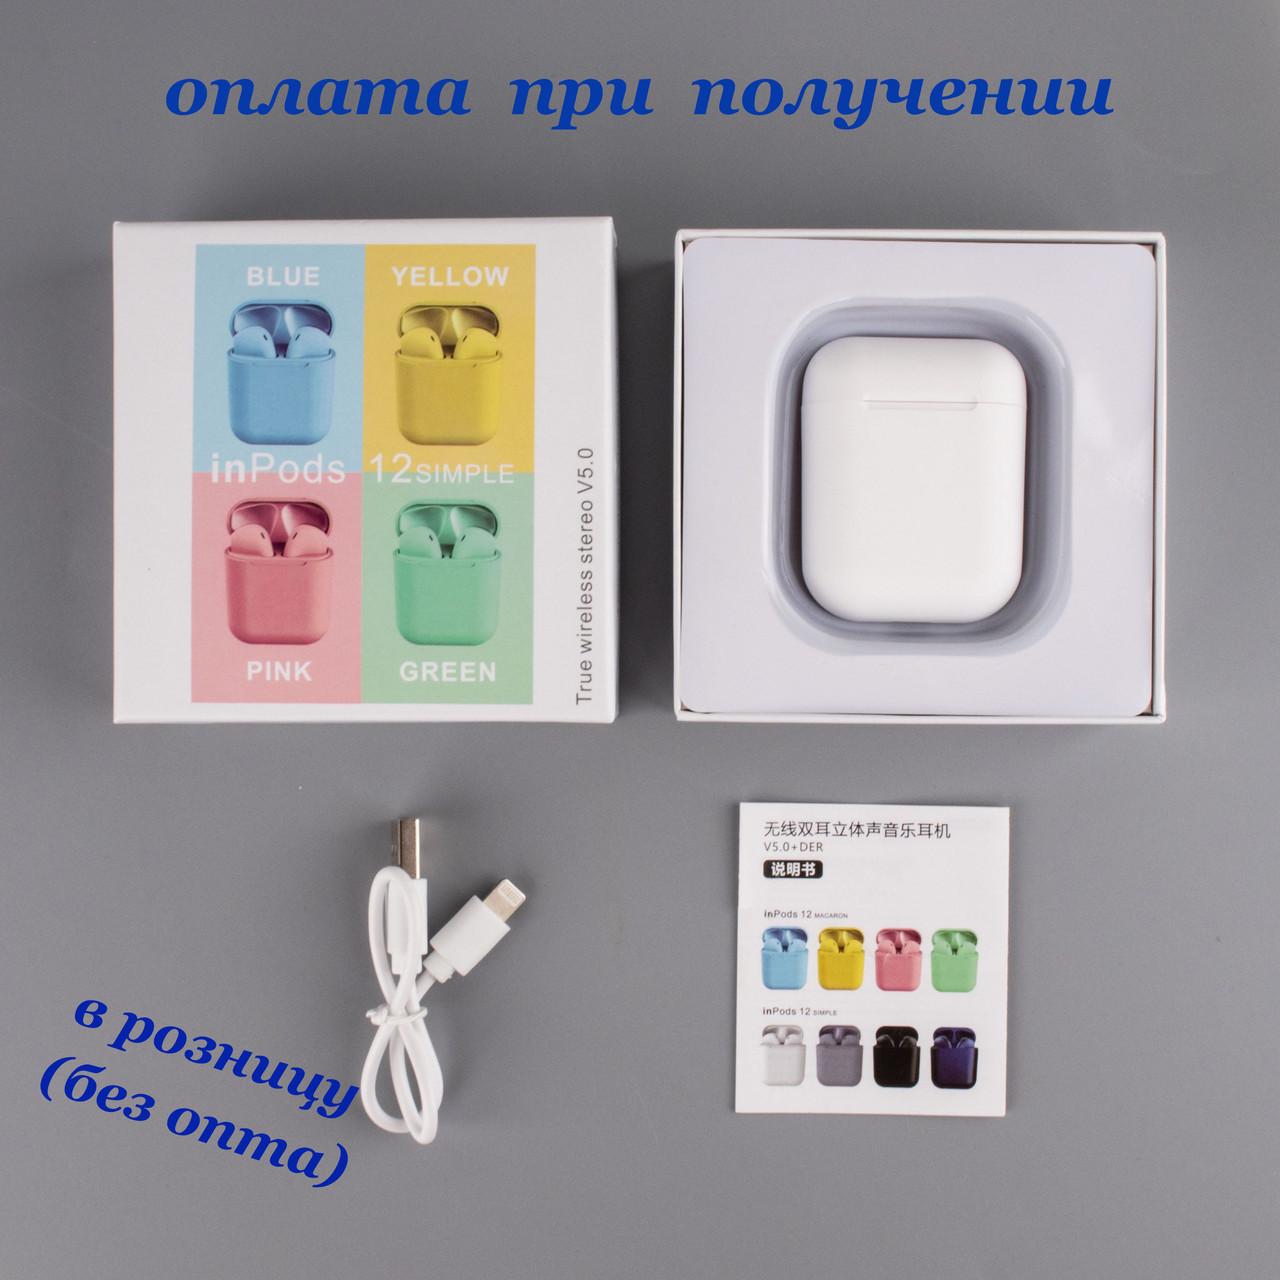 Беспроводные вакуумные Bluetooth наушники СТЕРЕО гарнитура TWS Apple AirPods Pro inPods i12 СЕНСОРНЫЕ 1:1 (6)